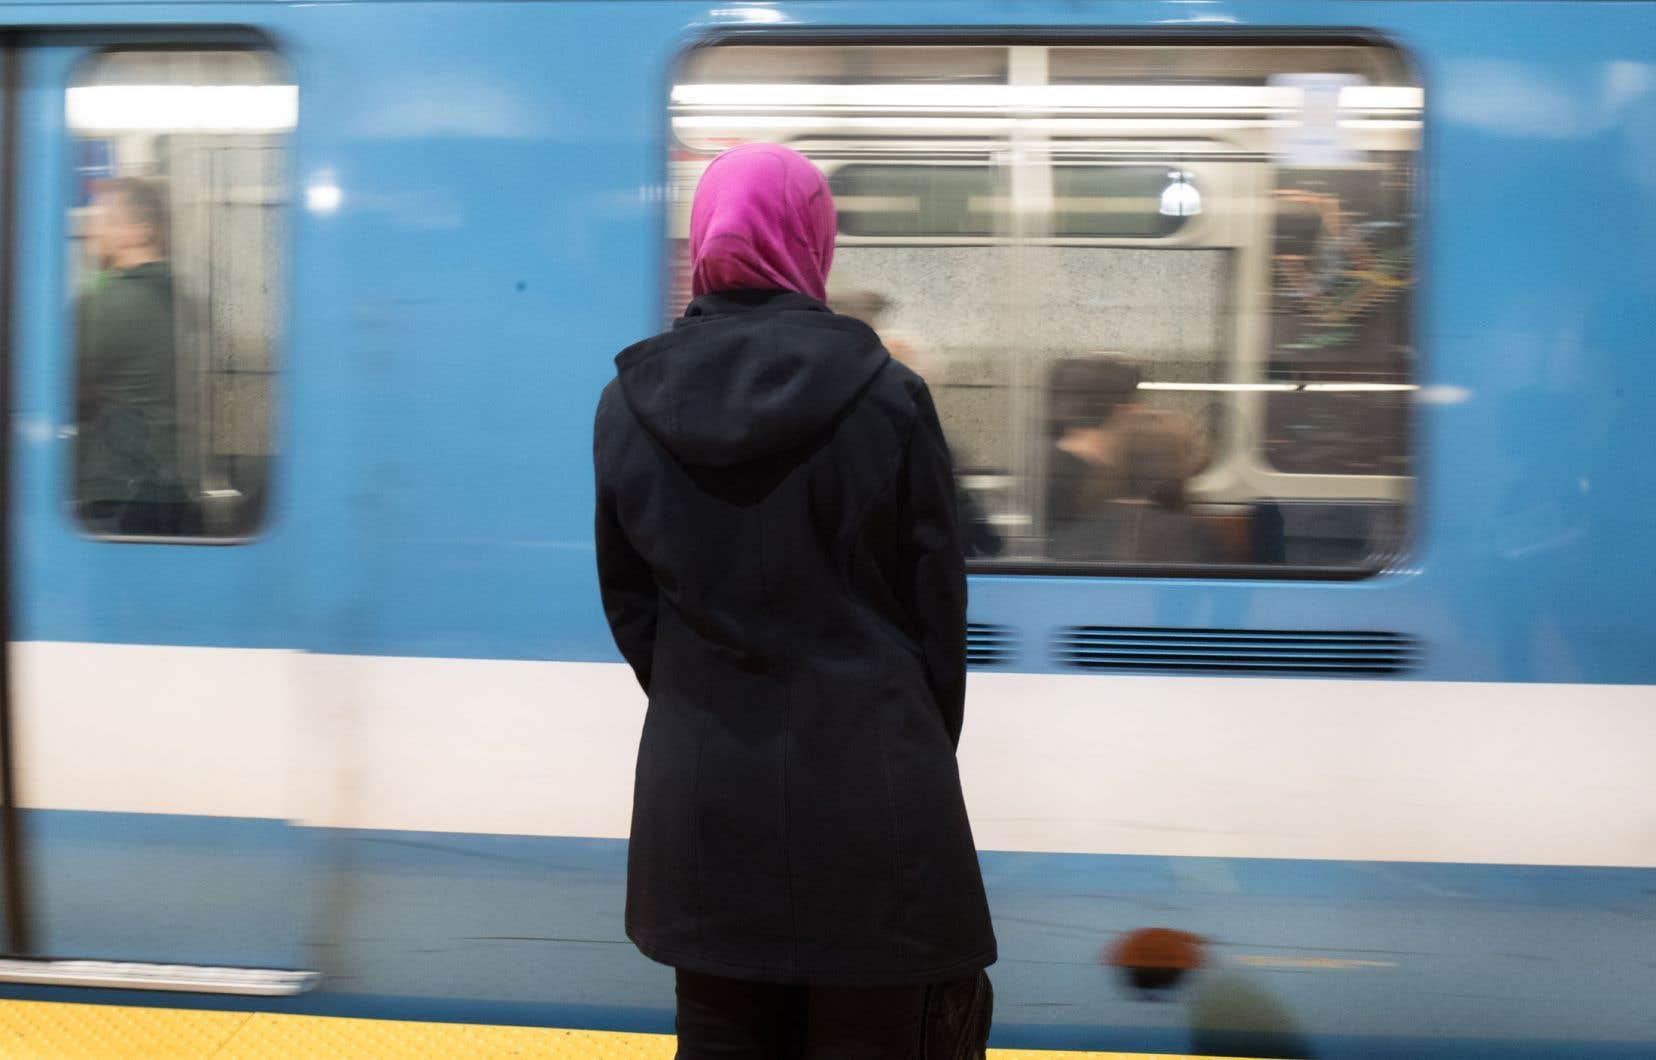 «Il faut cesser d'instrumentaliser les femmes voilées, en alimentant les peurs déraisonnables et les sentiments victimaires des minorités», rappelle l'auteure.